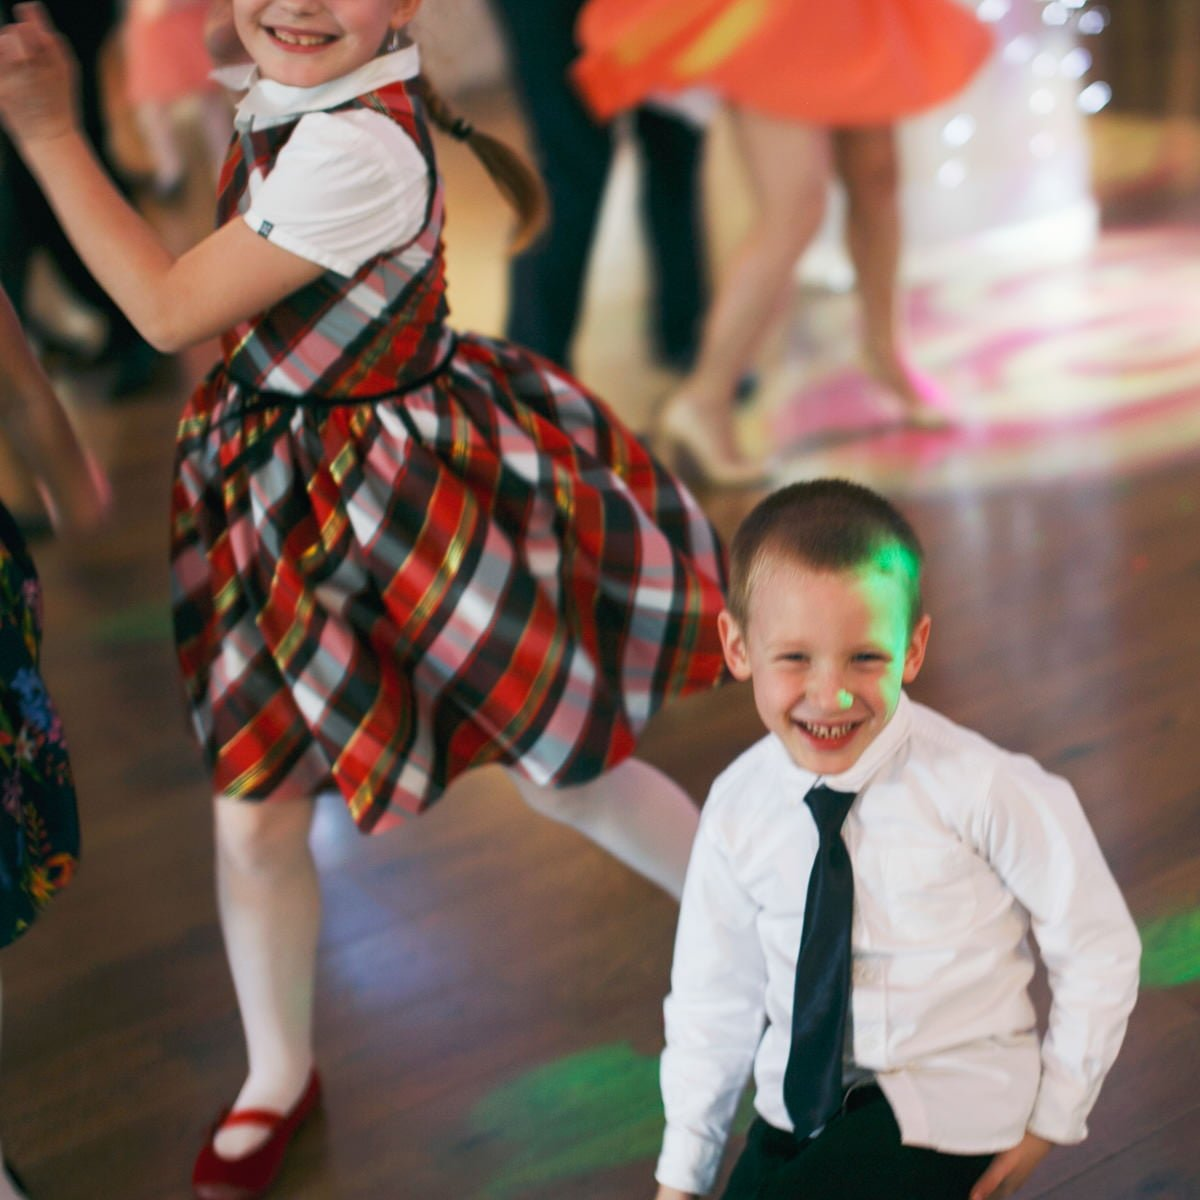 fotograf slub bielsko biala ania maciej 120 - Ślub w Bielsku-Białej - ANIA & MACIEJ